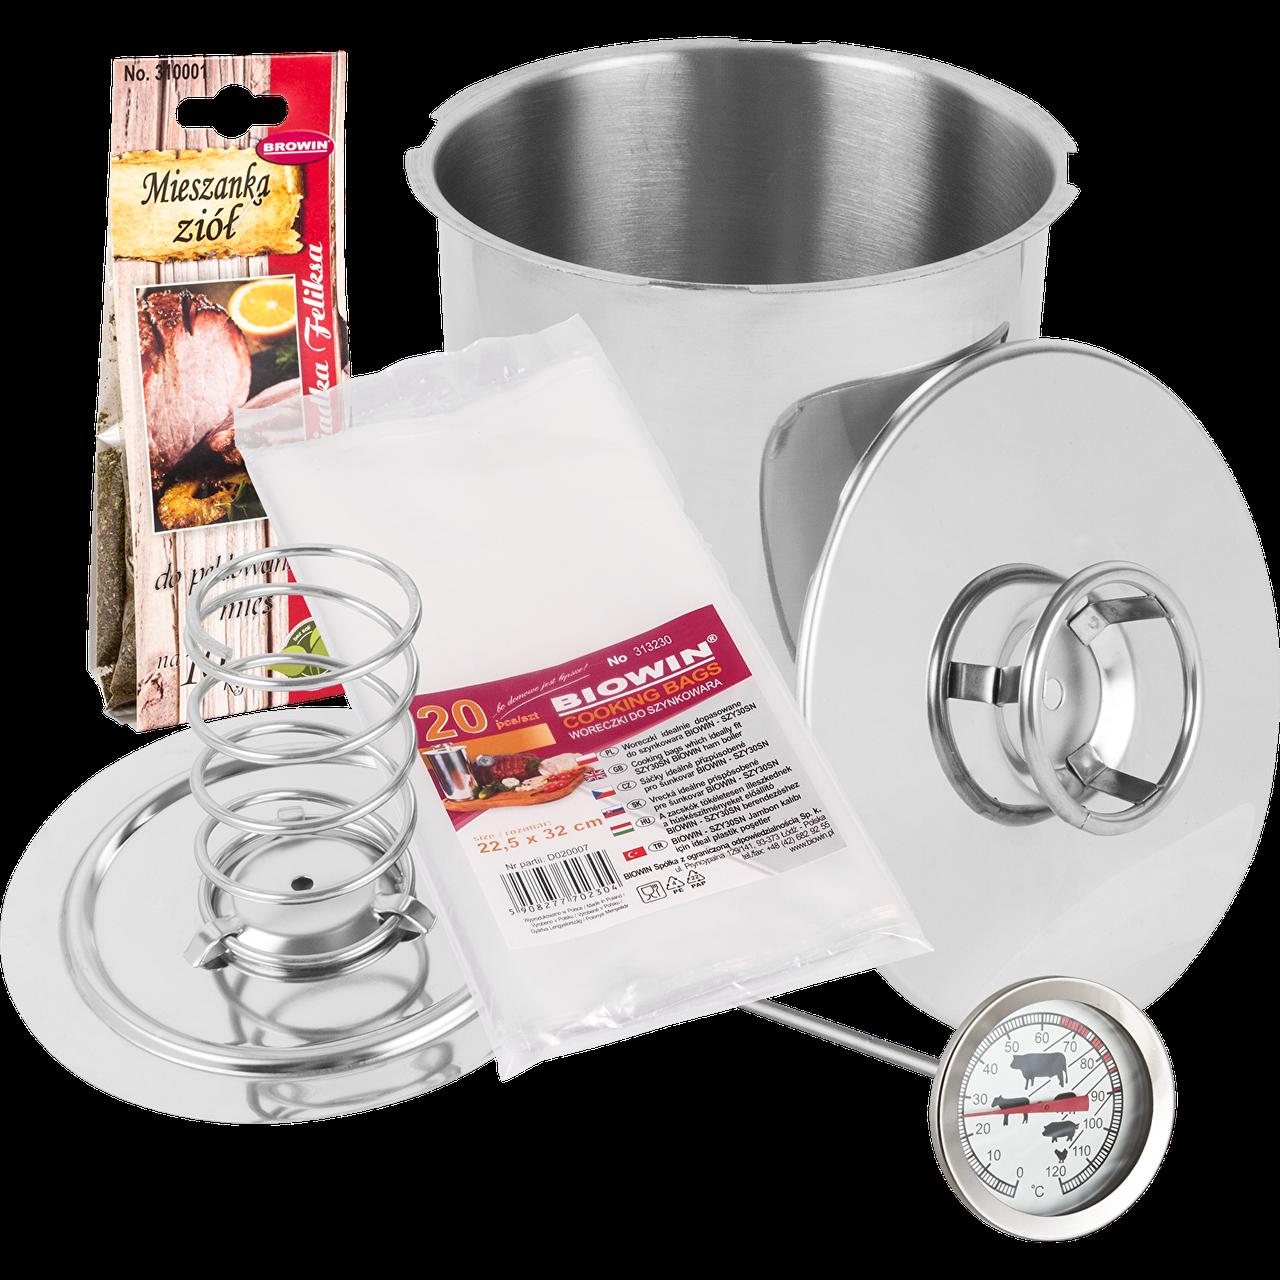 Ветчинница Biowin на 3 кг мяса с термометром, пакетами и специями